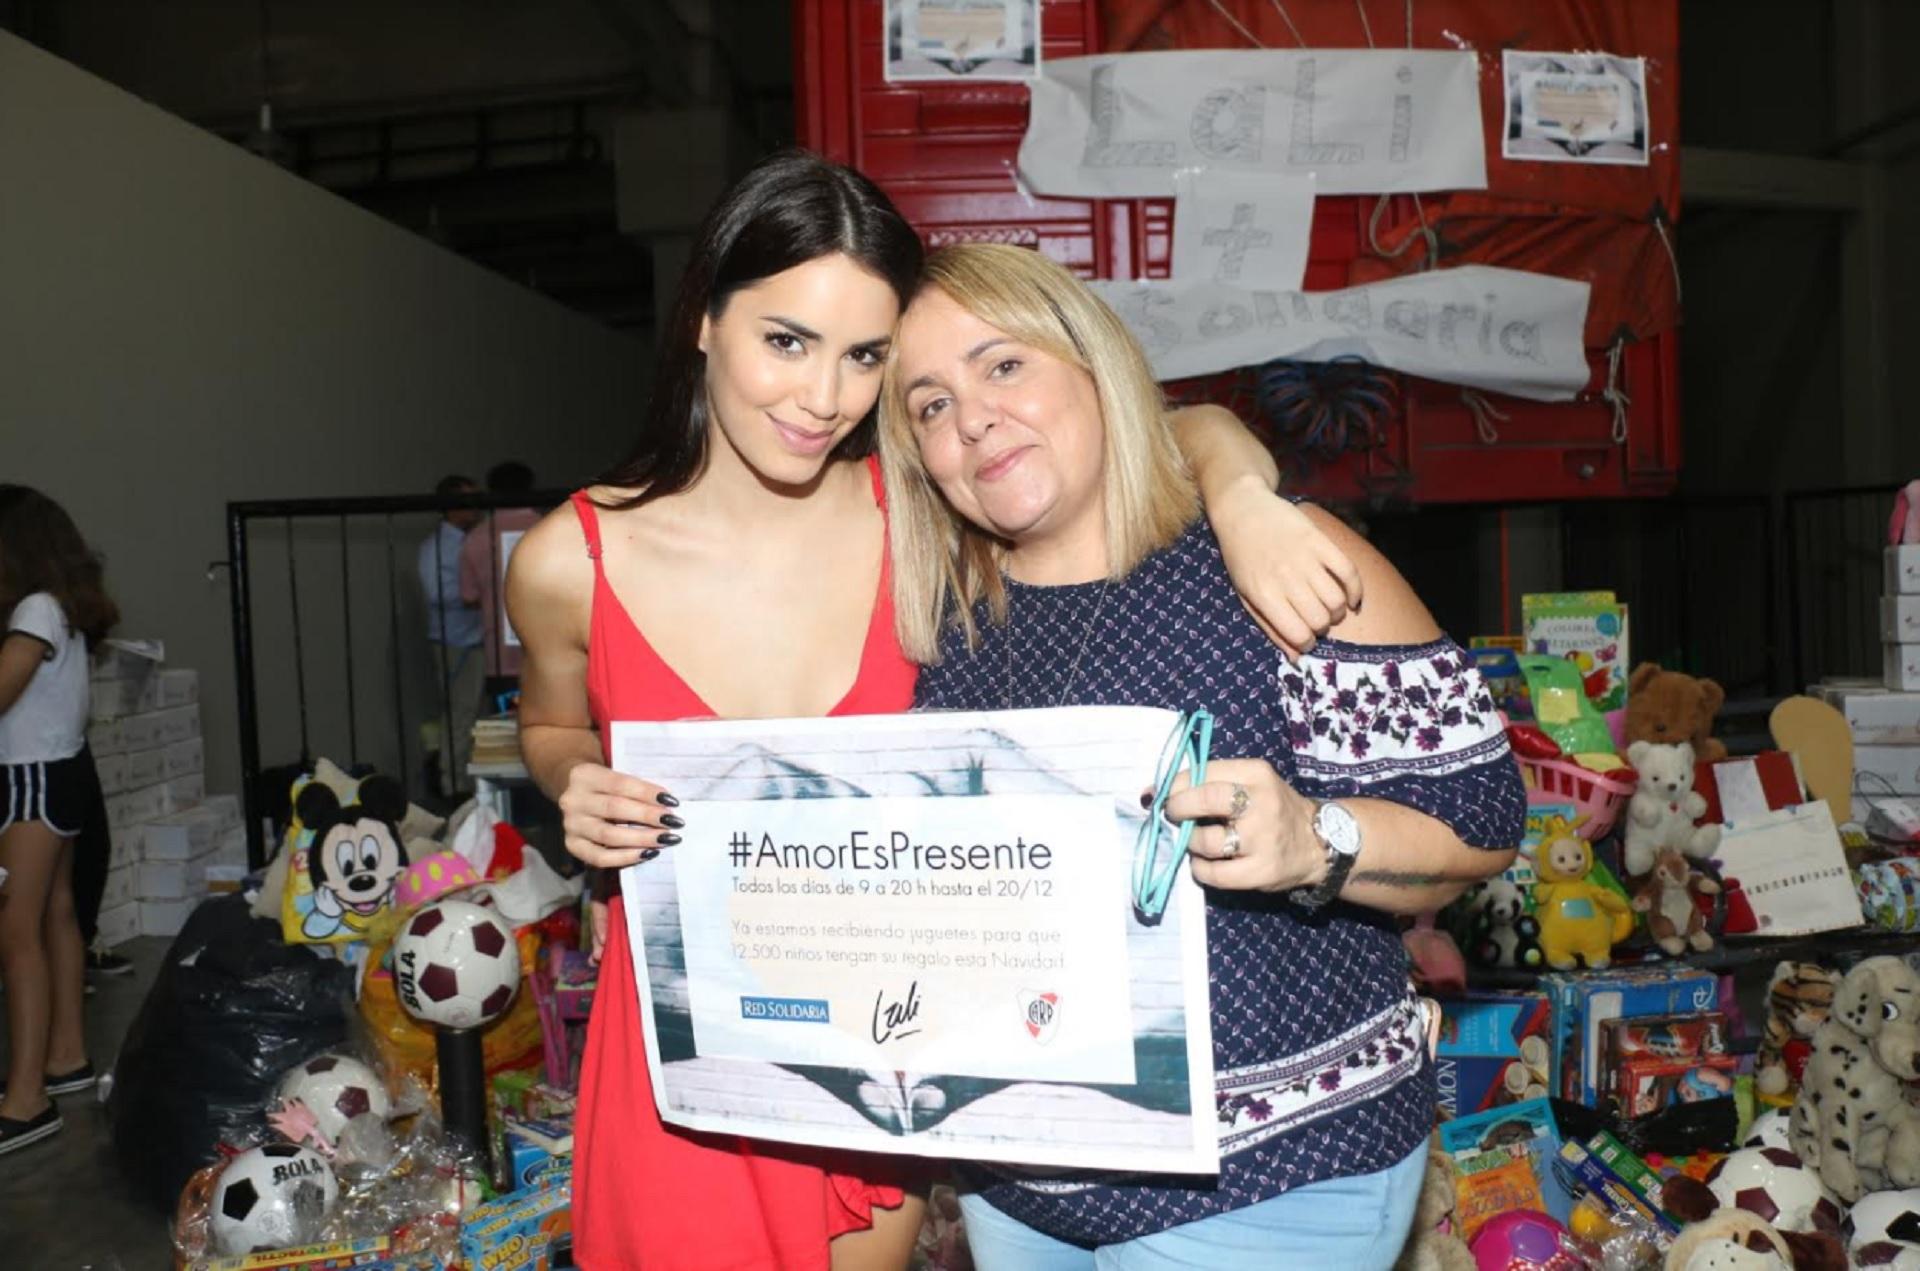 La cantante estuvo presente en el evento que realizó River junto a Red Solidaria (Fotos: Verónica Guerman)